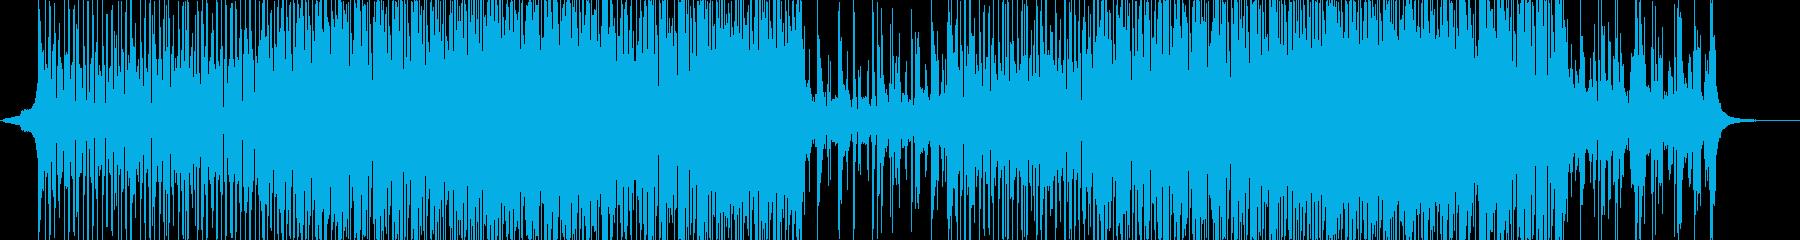 シンセ-エレクトロダンス-光-空間-CMの再生済みの波形